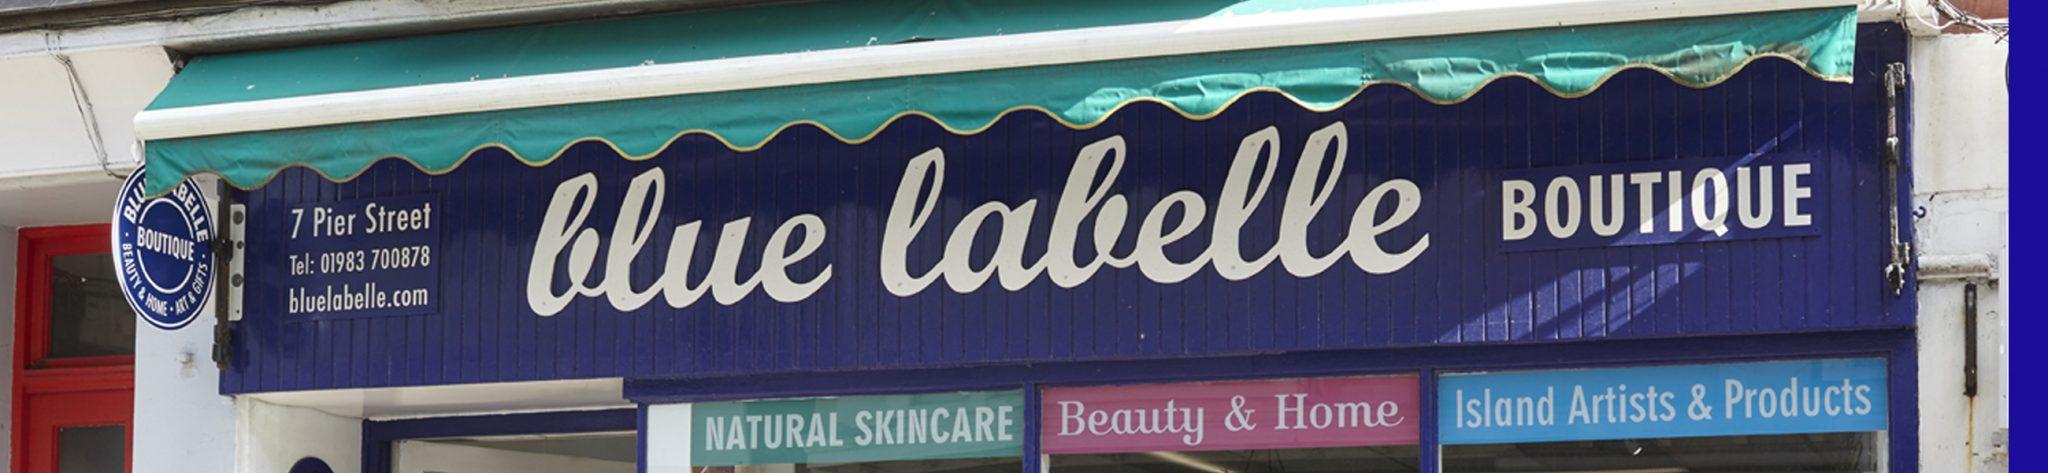 Blue Labelle Boutique